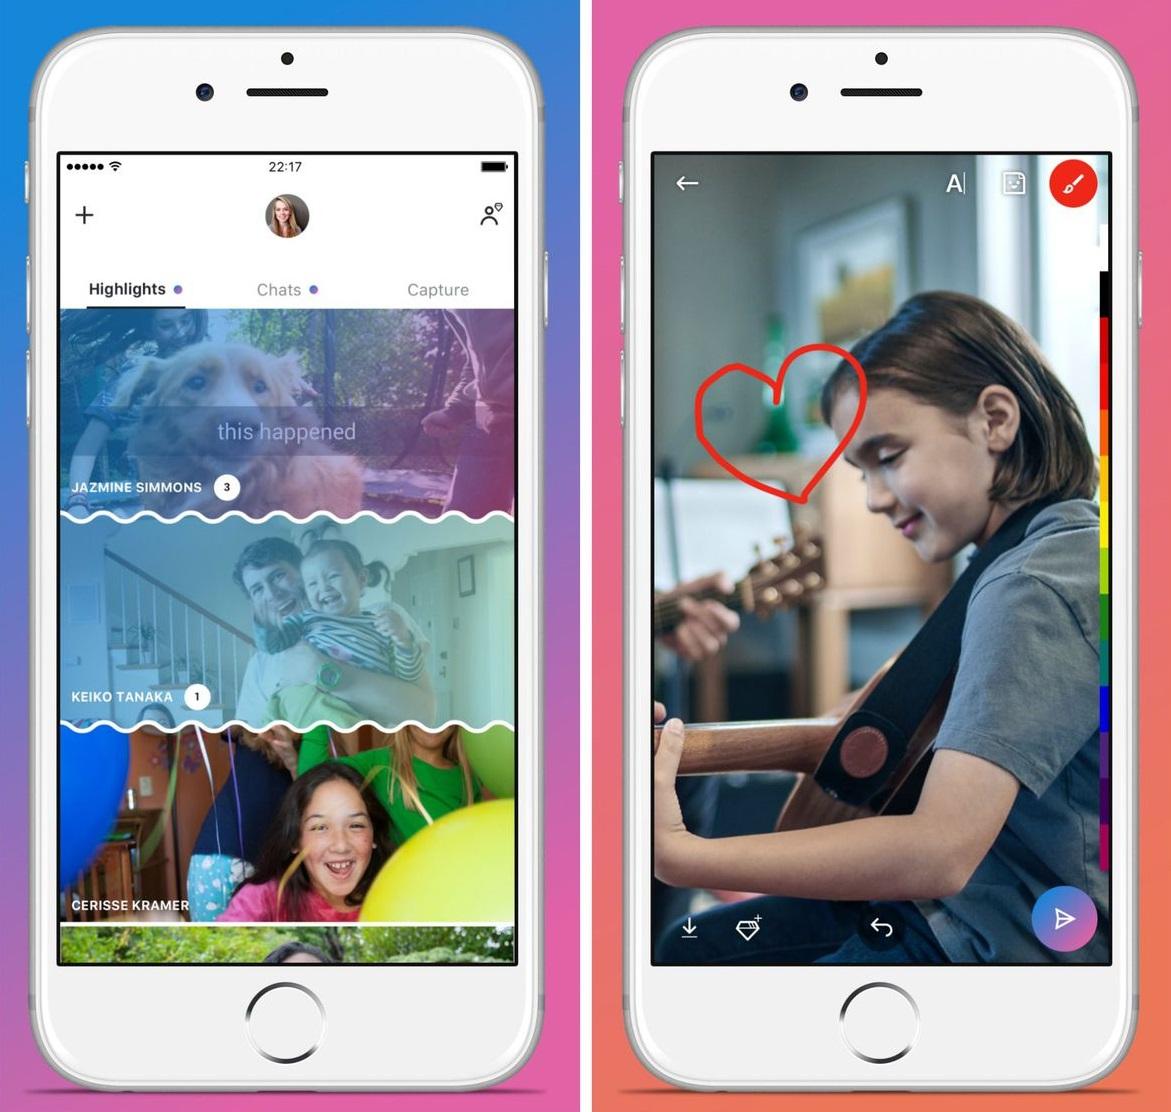 Skype también copia Snapchat y obtiene la función de historias